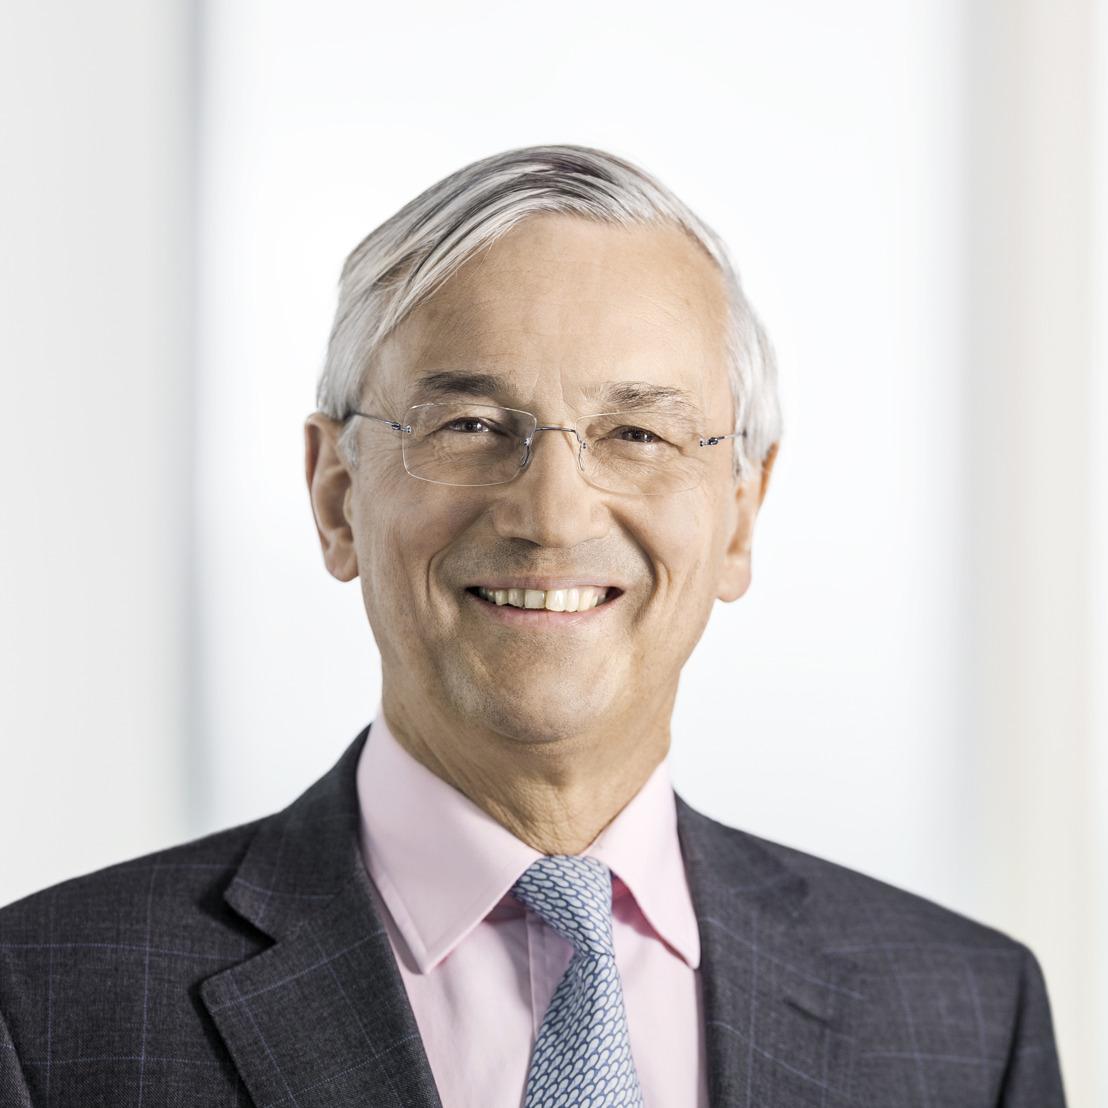 Diego du Monceau de Bergendal volgt Eric Boyer de la Giroday op als voorzitter van de Raad van Bestuur van ING België